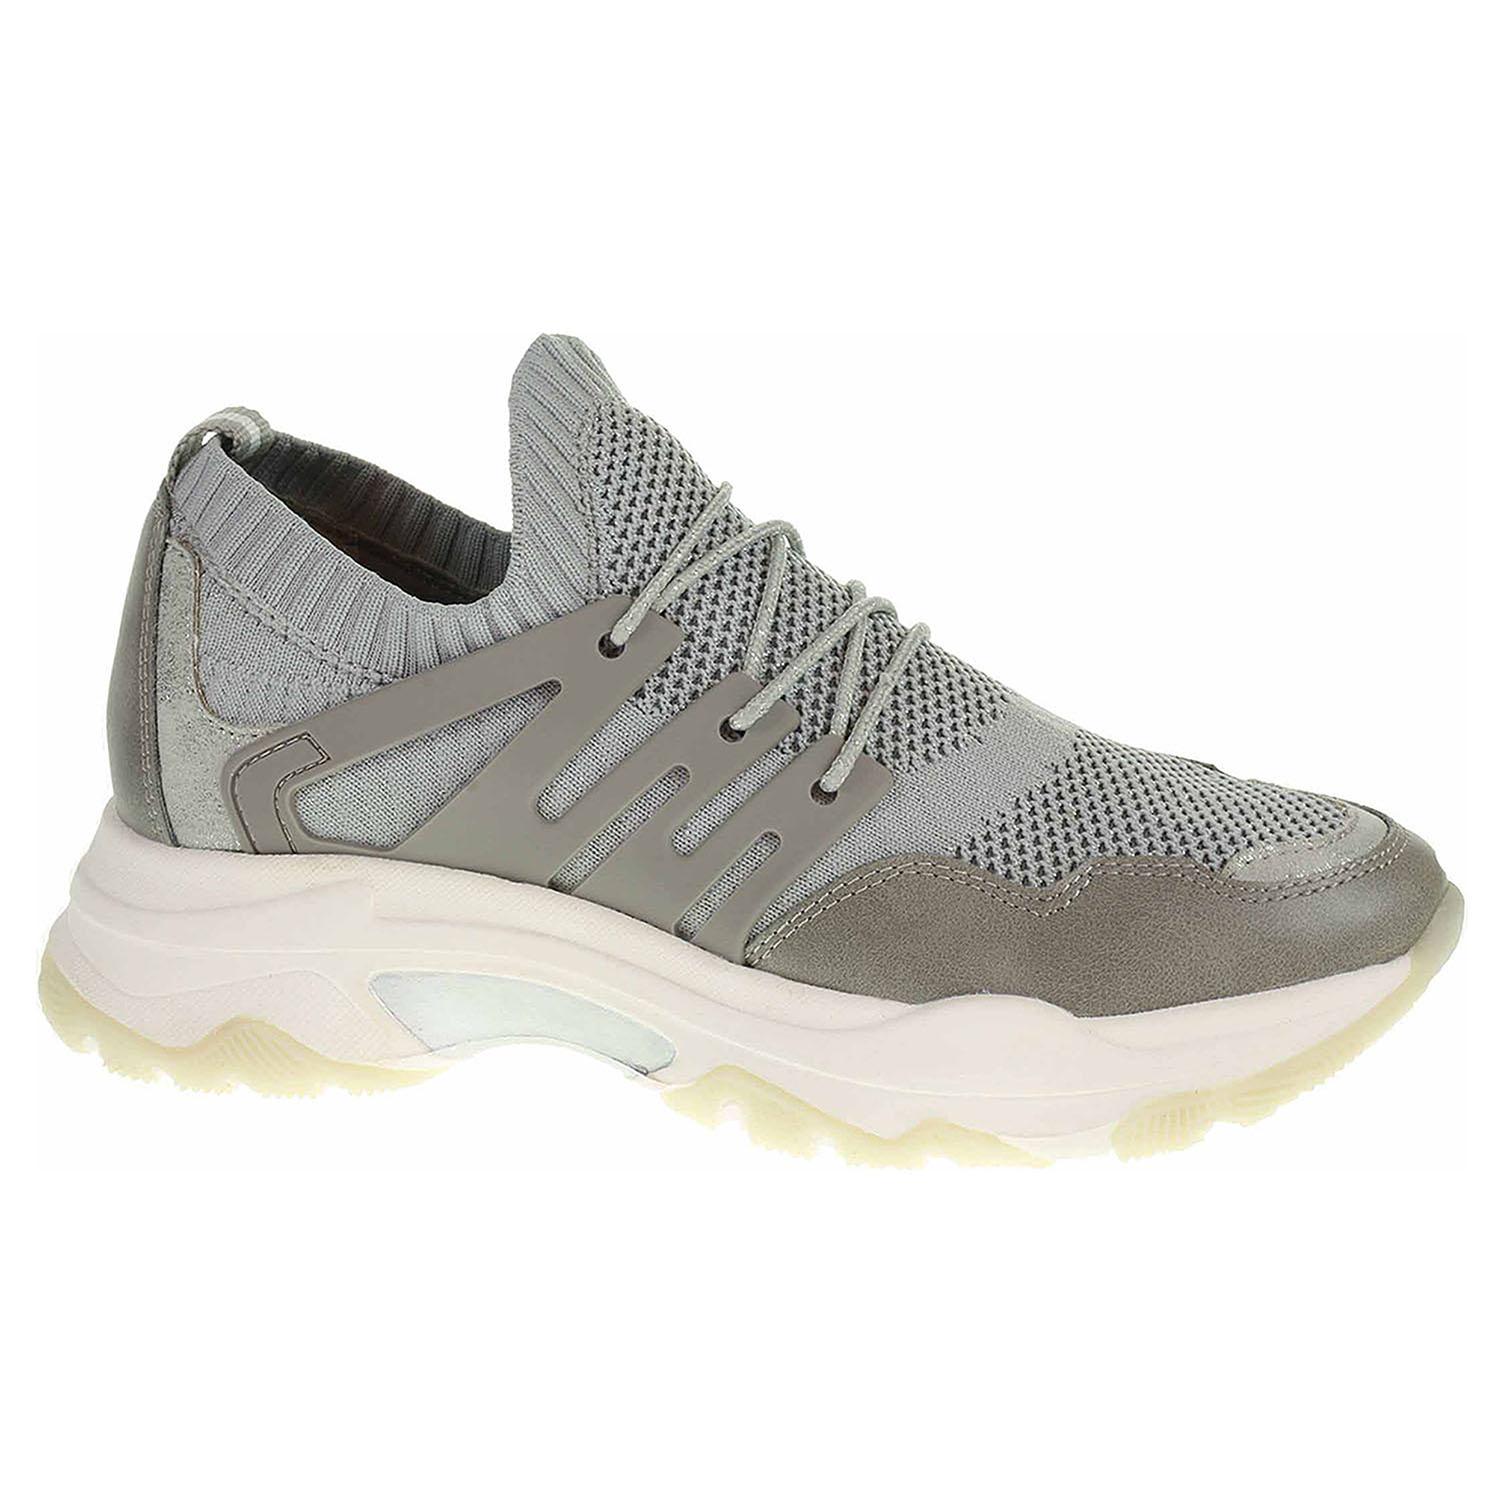 Dámská obuv Marco Tozzi 2-23782-22 lt.grey 2-2-23782-22 250 39